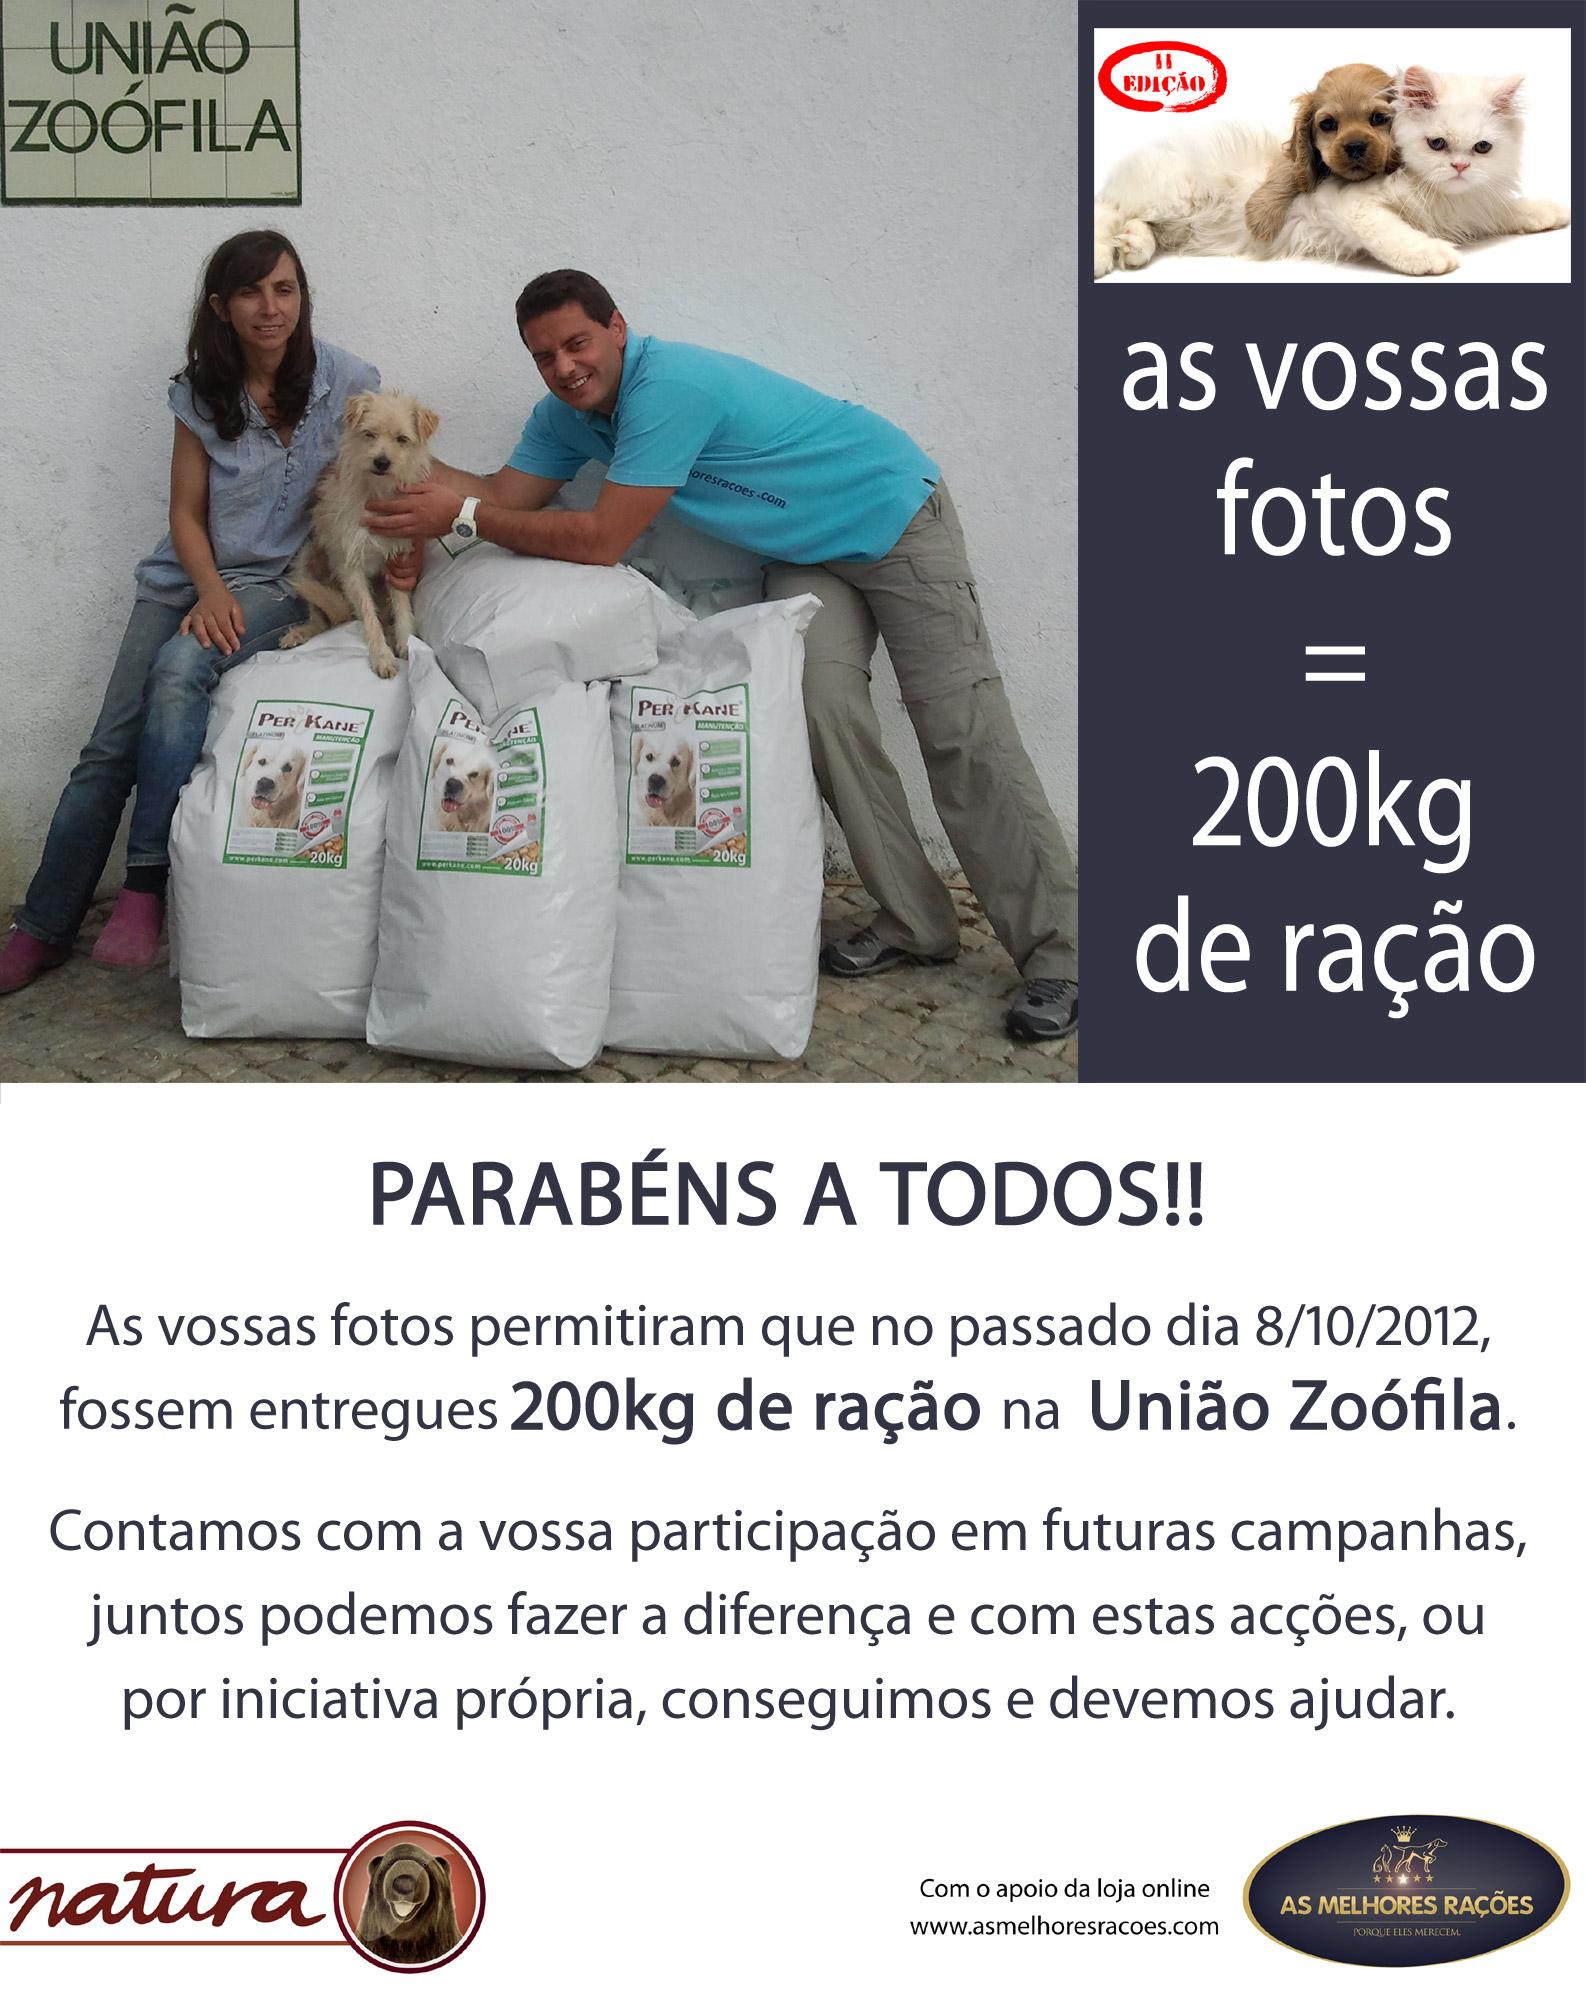 Segunda Campanha de Ajuda a União Zoofila